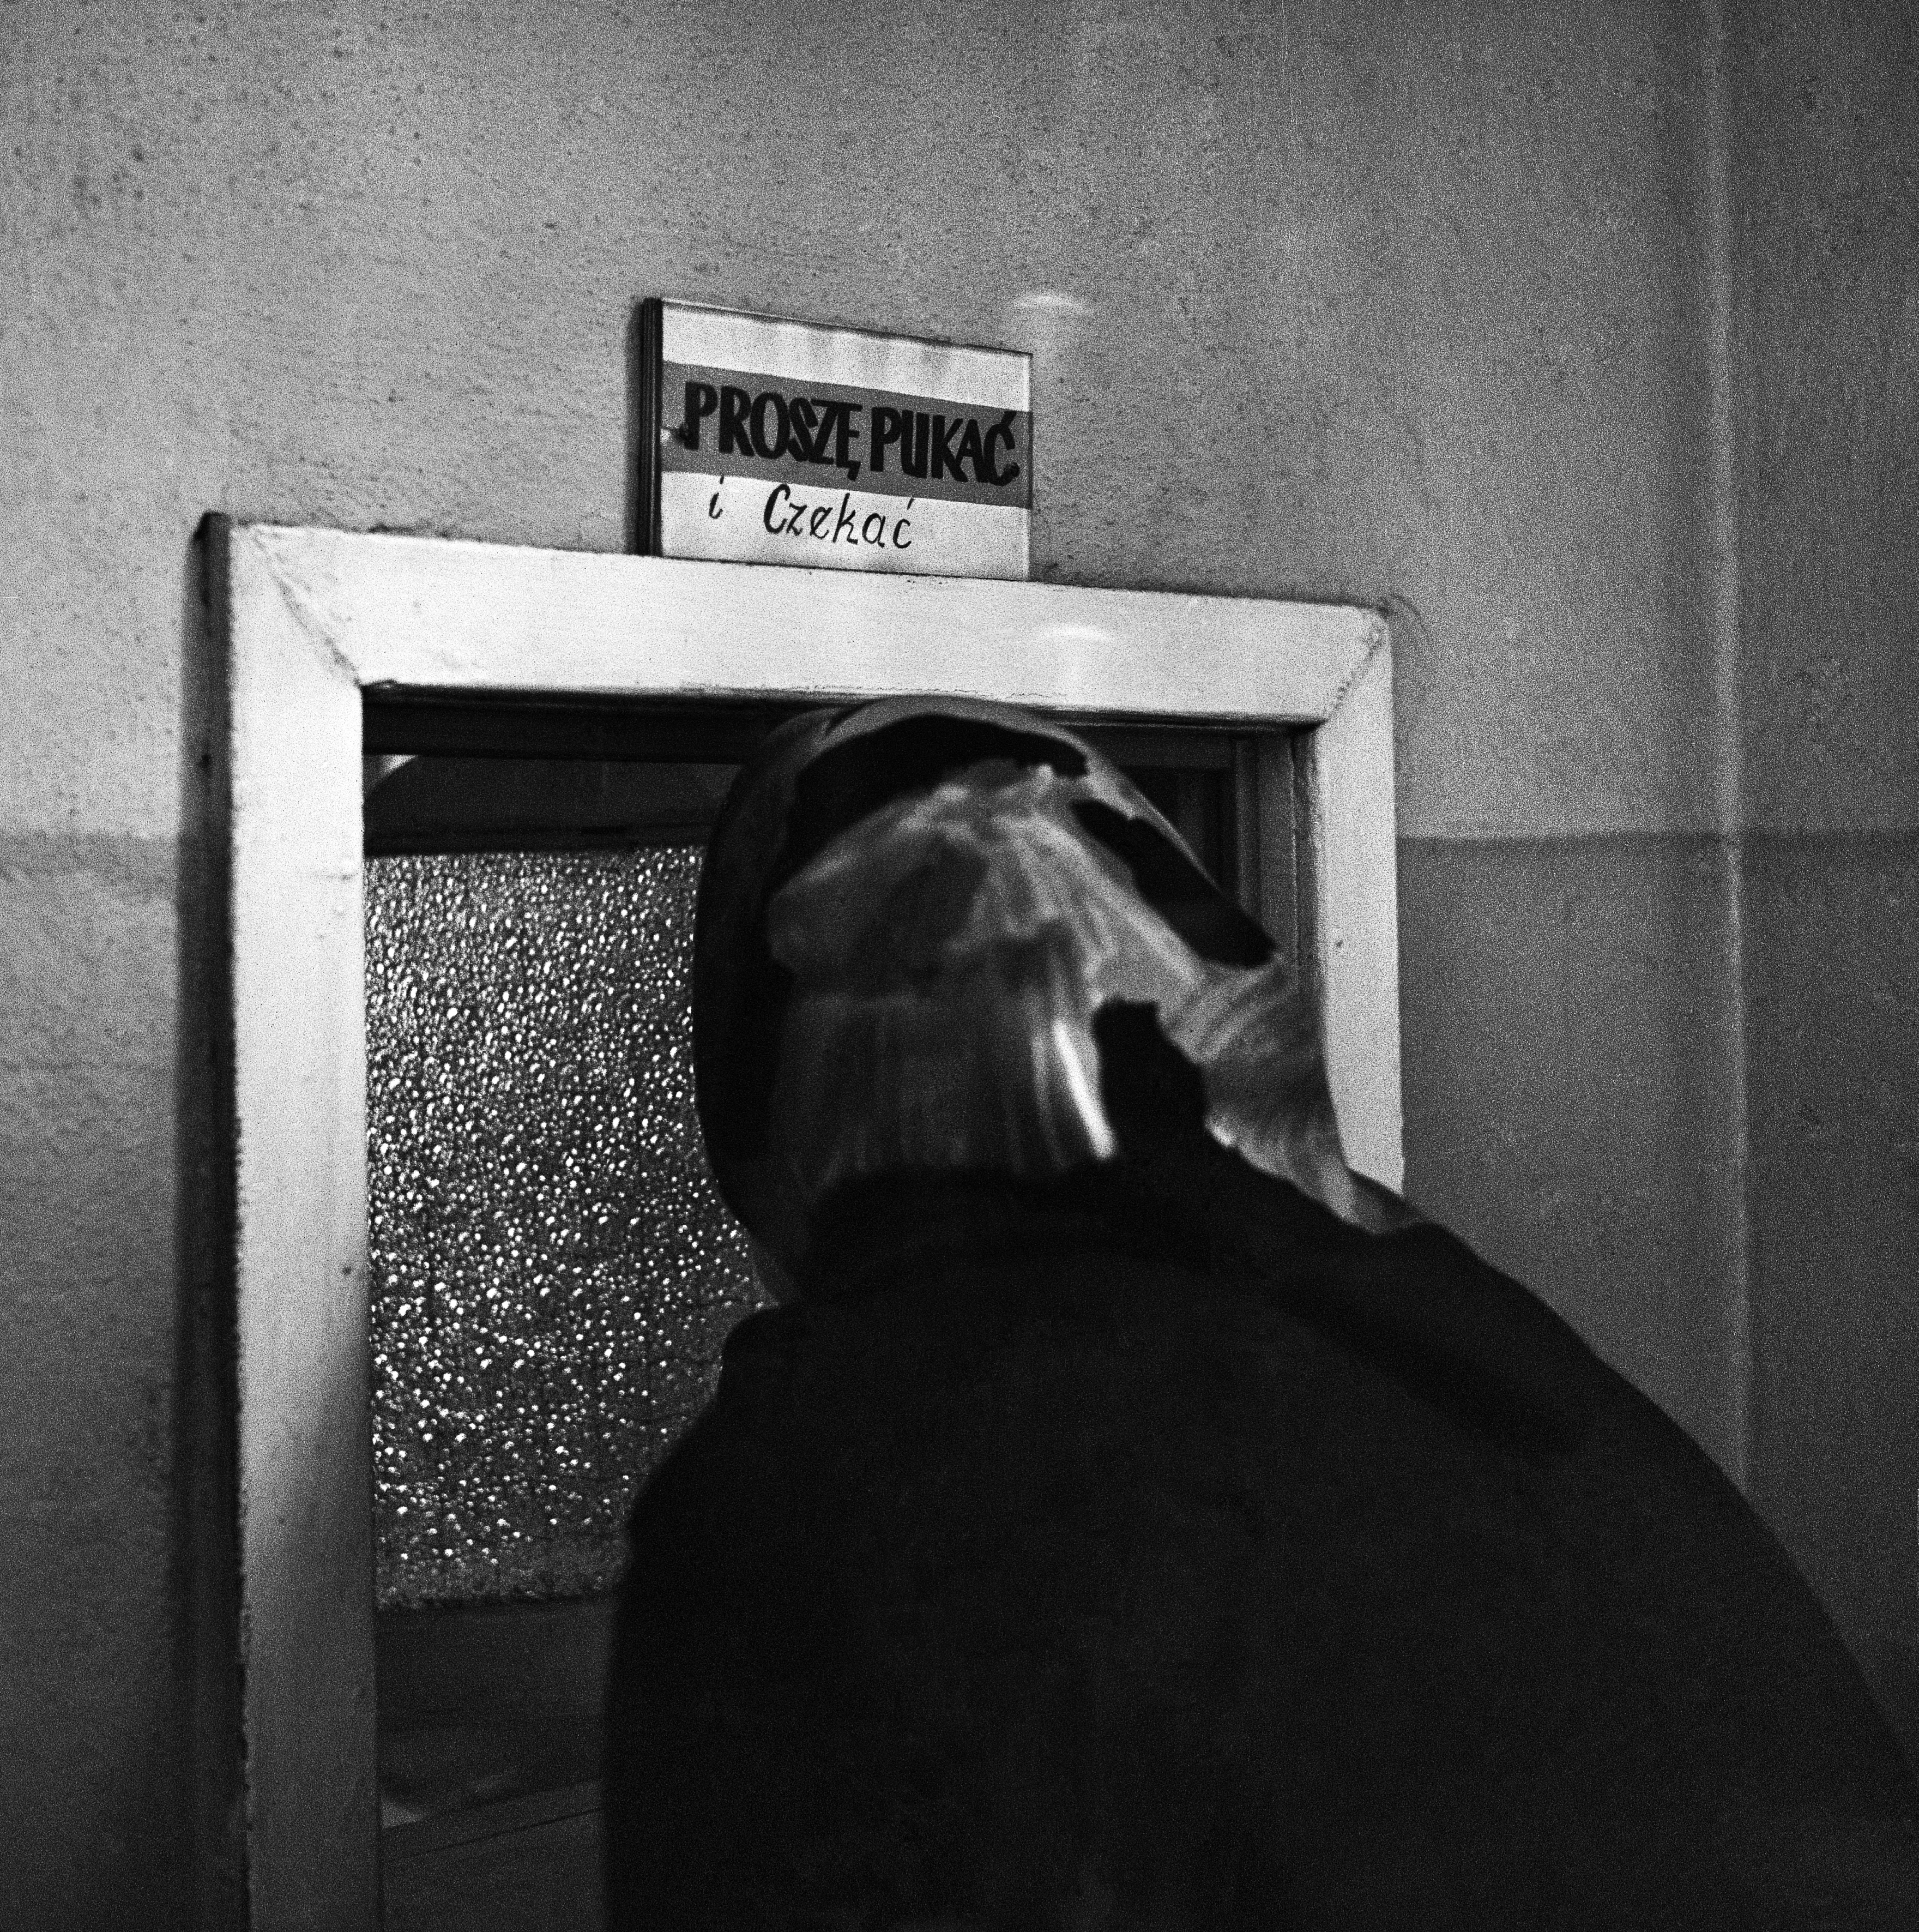 Wrocław, 10.1972. Urząd Miejski, interesantka przed okienkiem z napisem: Proszę pukać i czekać. Fot. Aleksander Jałosiński/FORUM